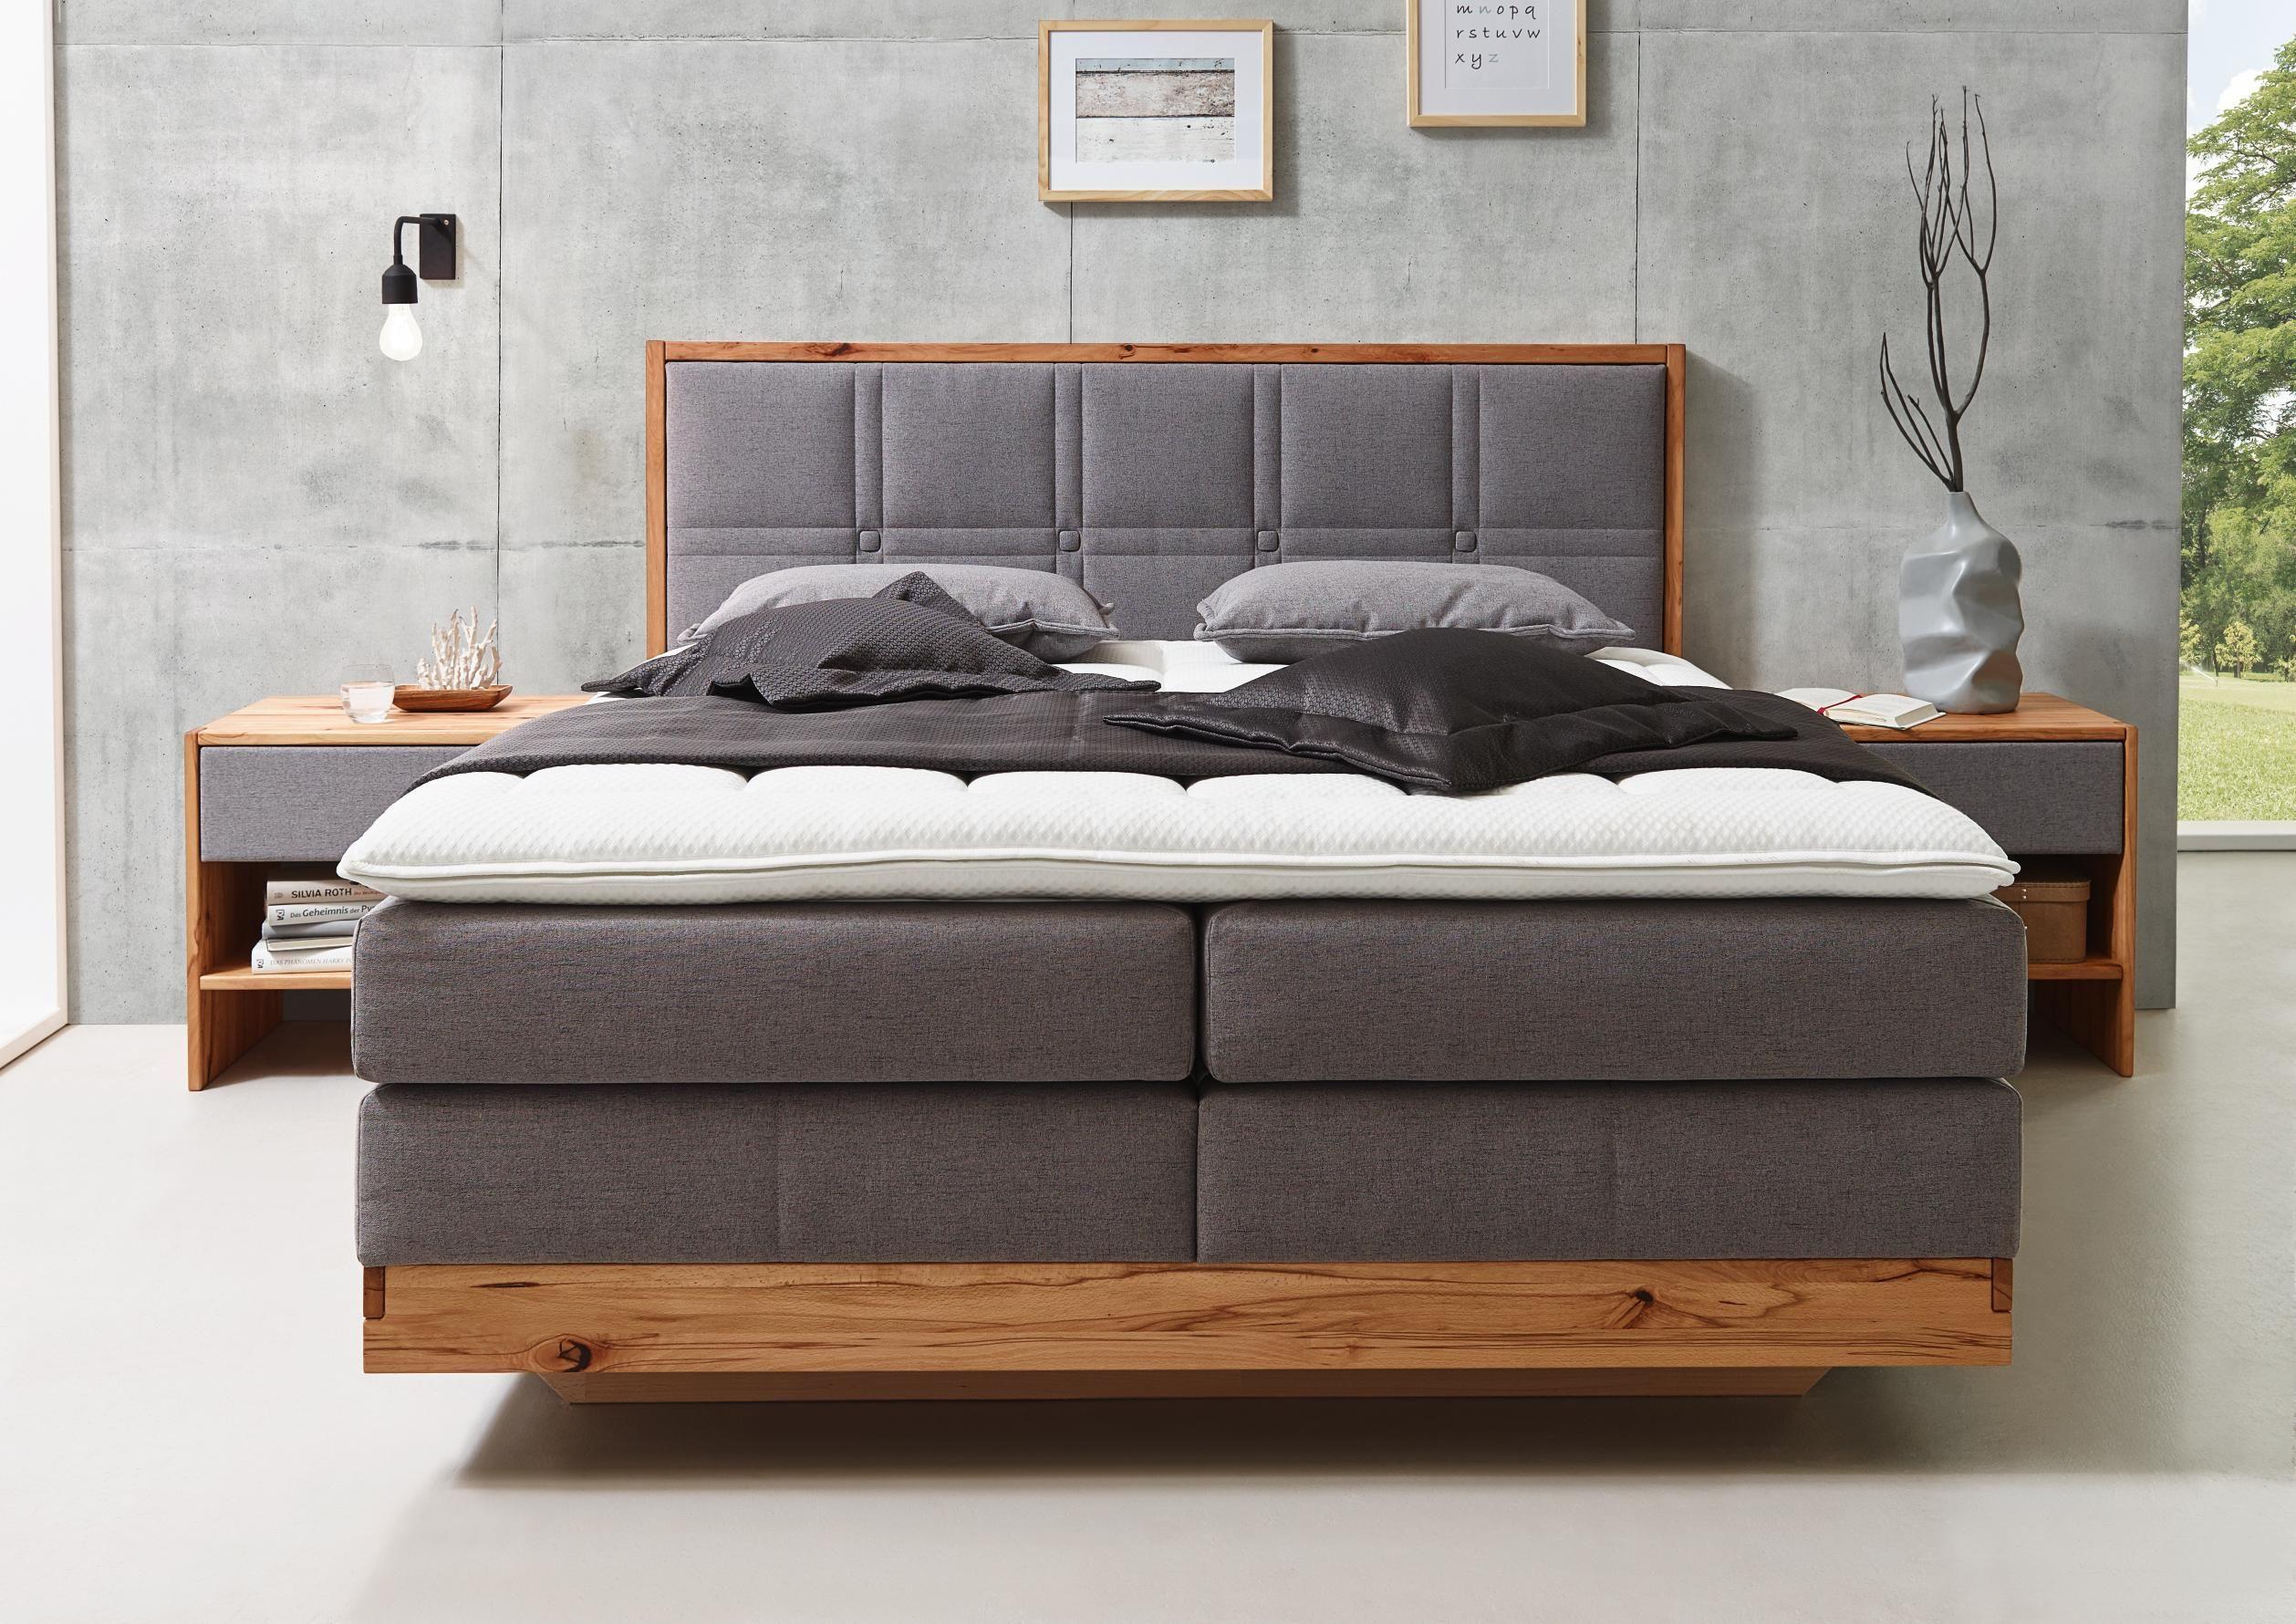 Exklusives Boxspringbett Erleben Sie Erstklassigen Schlafkomfort Bett Aus Paletten Komplettes Schlafzimmer Schlafzimmer